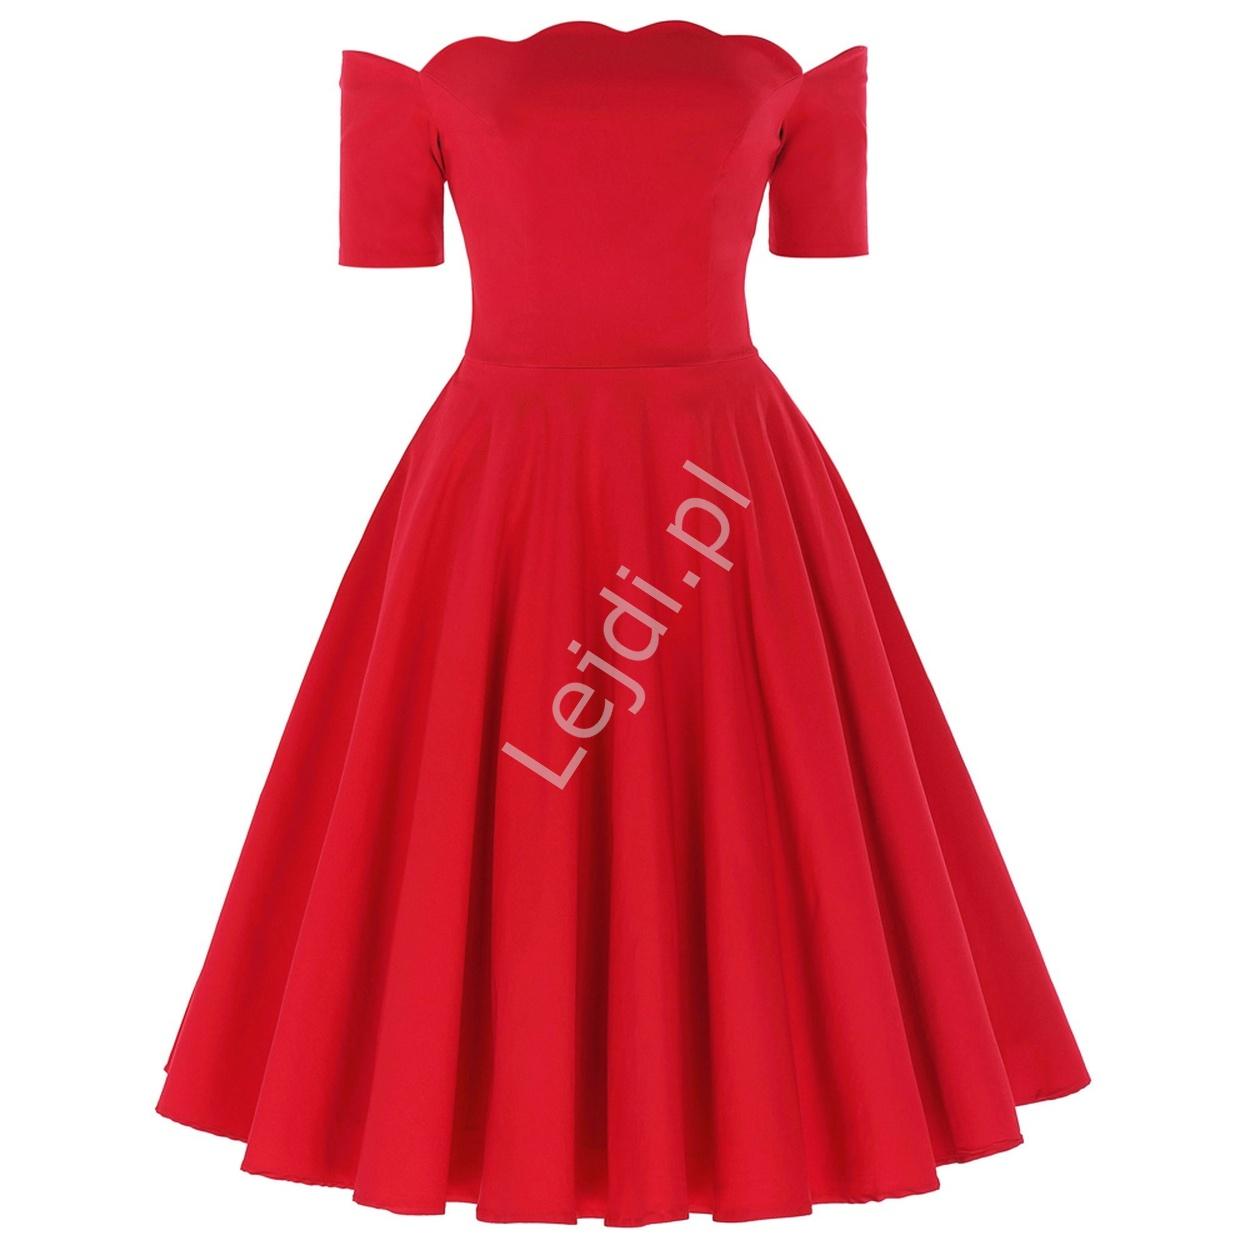 Czerwona sukienka pin-up z falistym dekoltem - carmen style - Lejdi